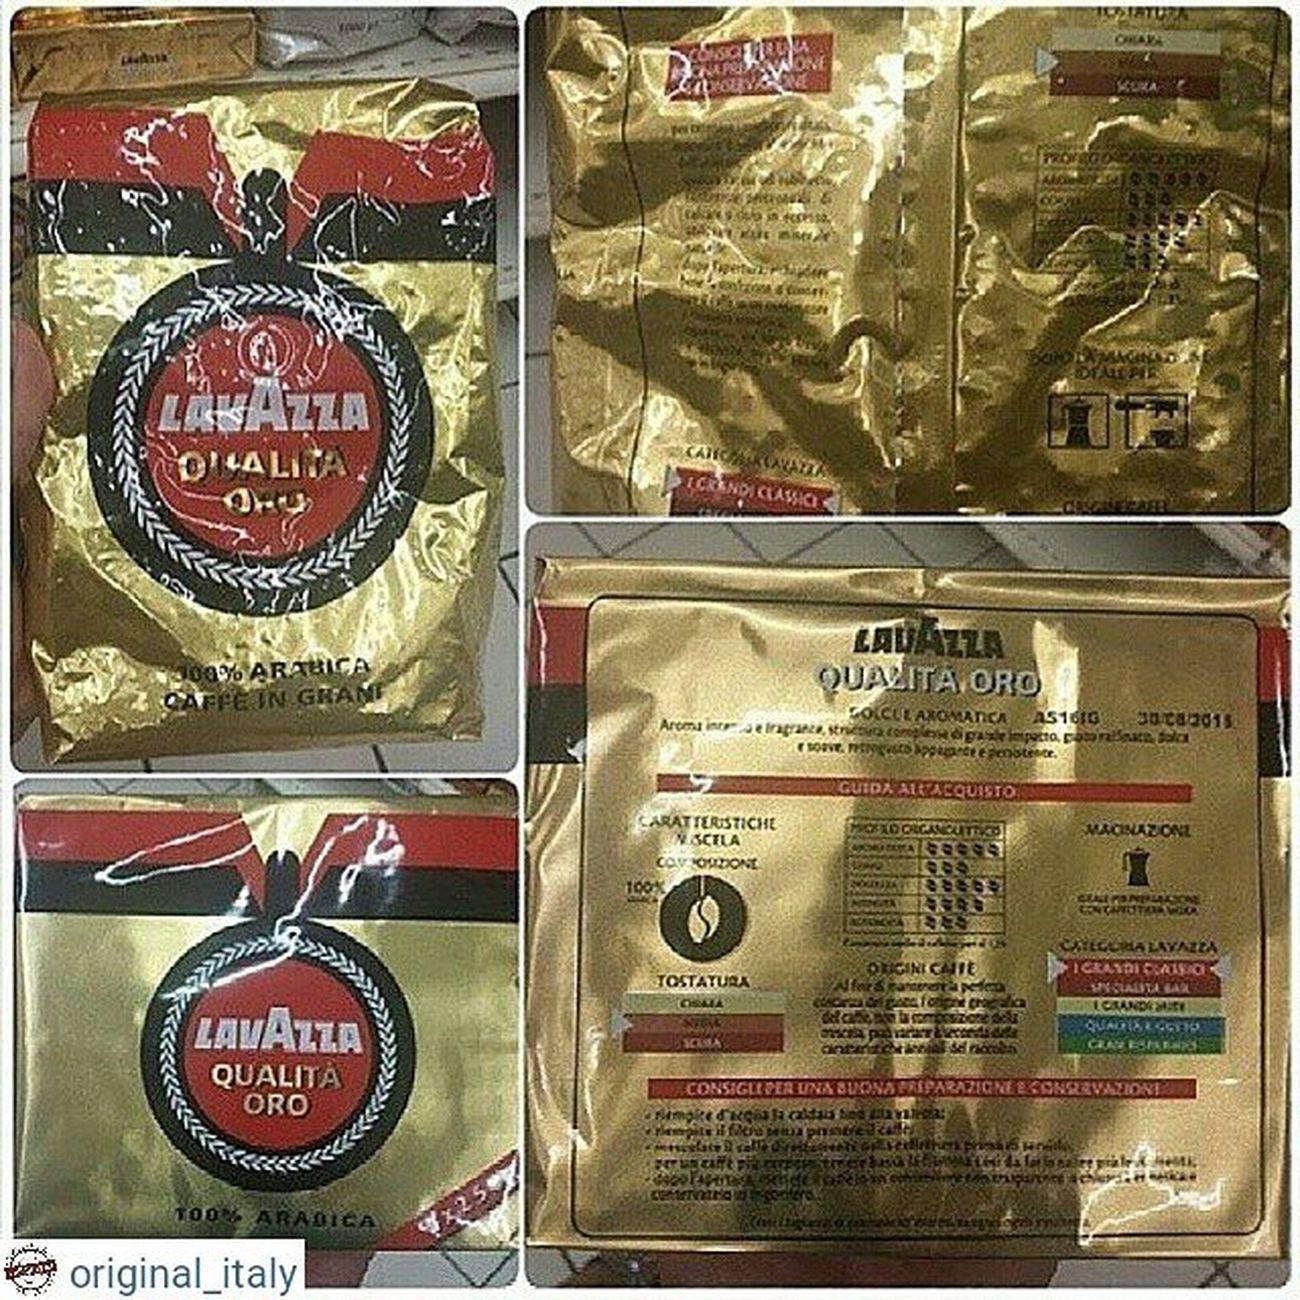 ☆☆☆☆☆ @original_italy ☆☆☆☆☆ Один из самых лучших кофе в Италии Lavazza 100% arabica. Т.е. кофе не содержит никаких примесей и состоит на 100% из зерен арабики. Есть молотый 500 гр. - 18€ В зернах - 1 кг, цена 36 €. Доставка до 2 кг 21 € Оплата на карту сбербанка. Для заказа WhatsApp, Viber + 79817855075 Италия шоппинг оригинал Original_italу базиликориганоспеции кофевиноitalyкупитьмосквапитерсырсырыитальянскиесырысырнаятарелкапиццапастаПрошуттосалямиОливковоемаслоЛимончелло